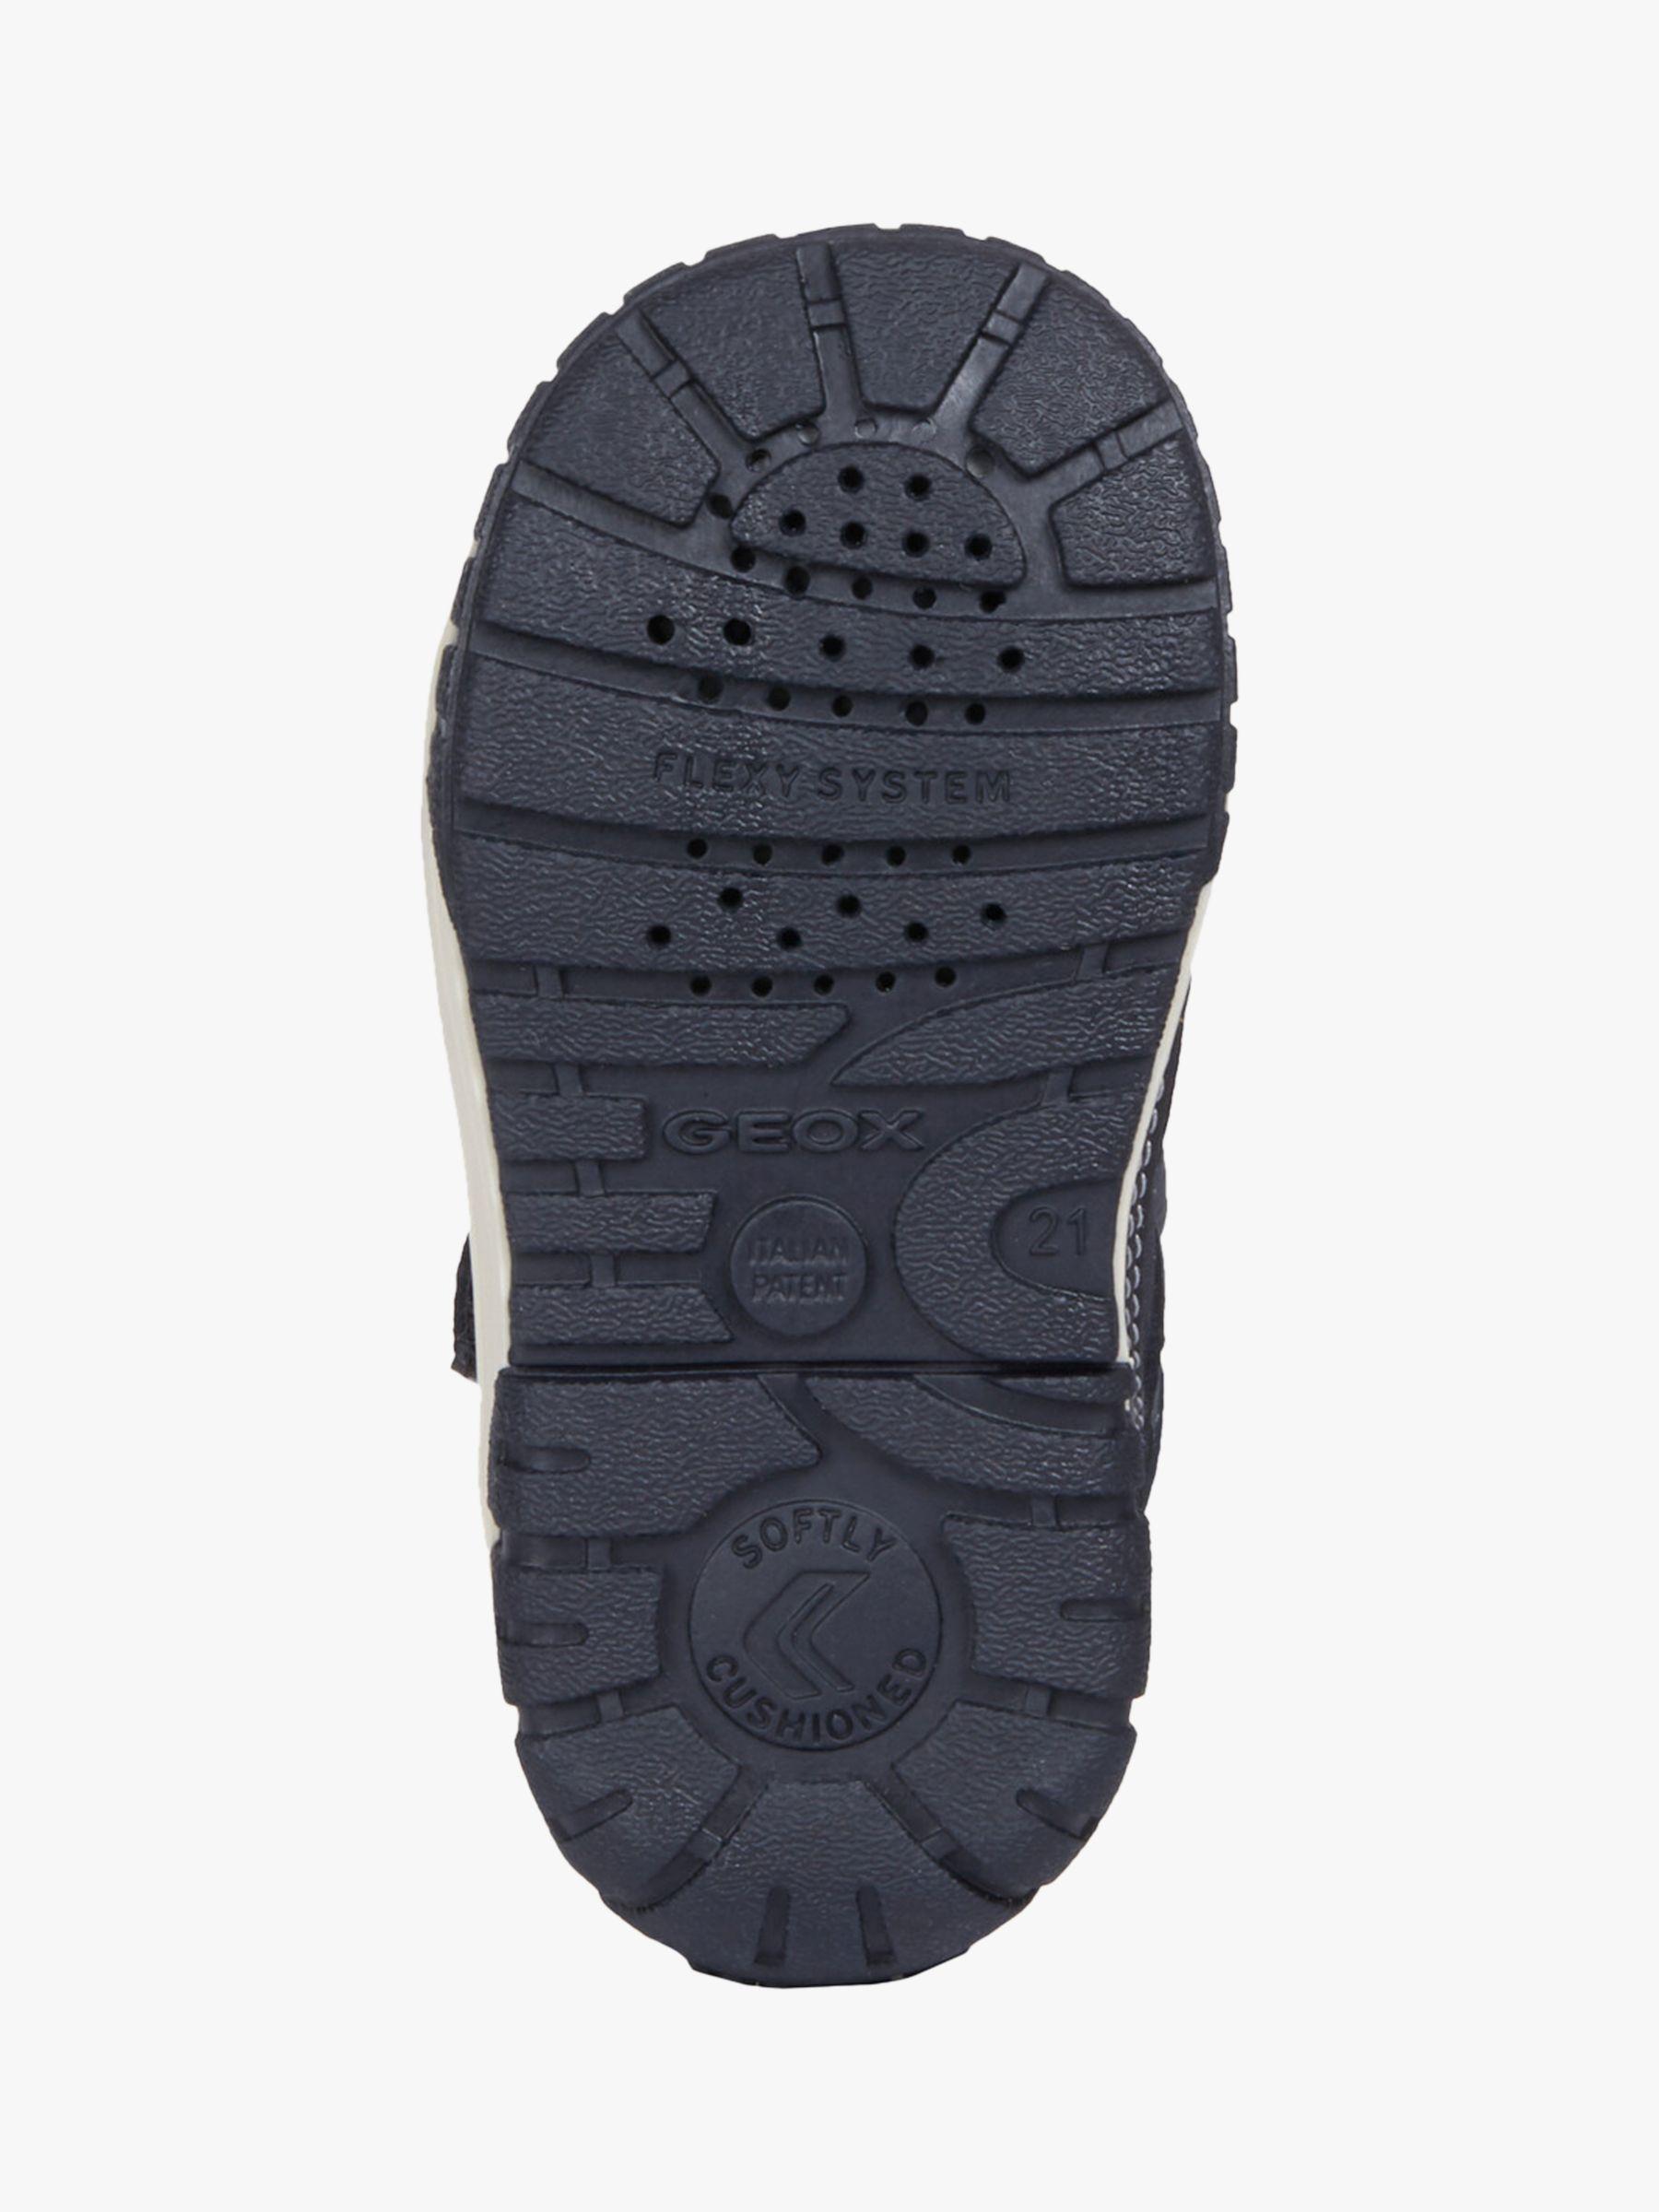 Geox Children's Omar Shoes, Navy